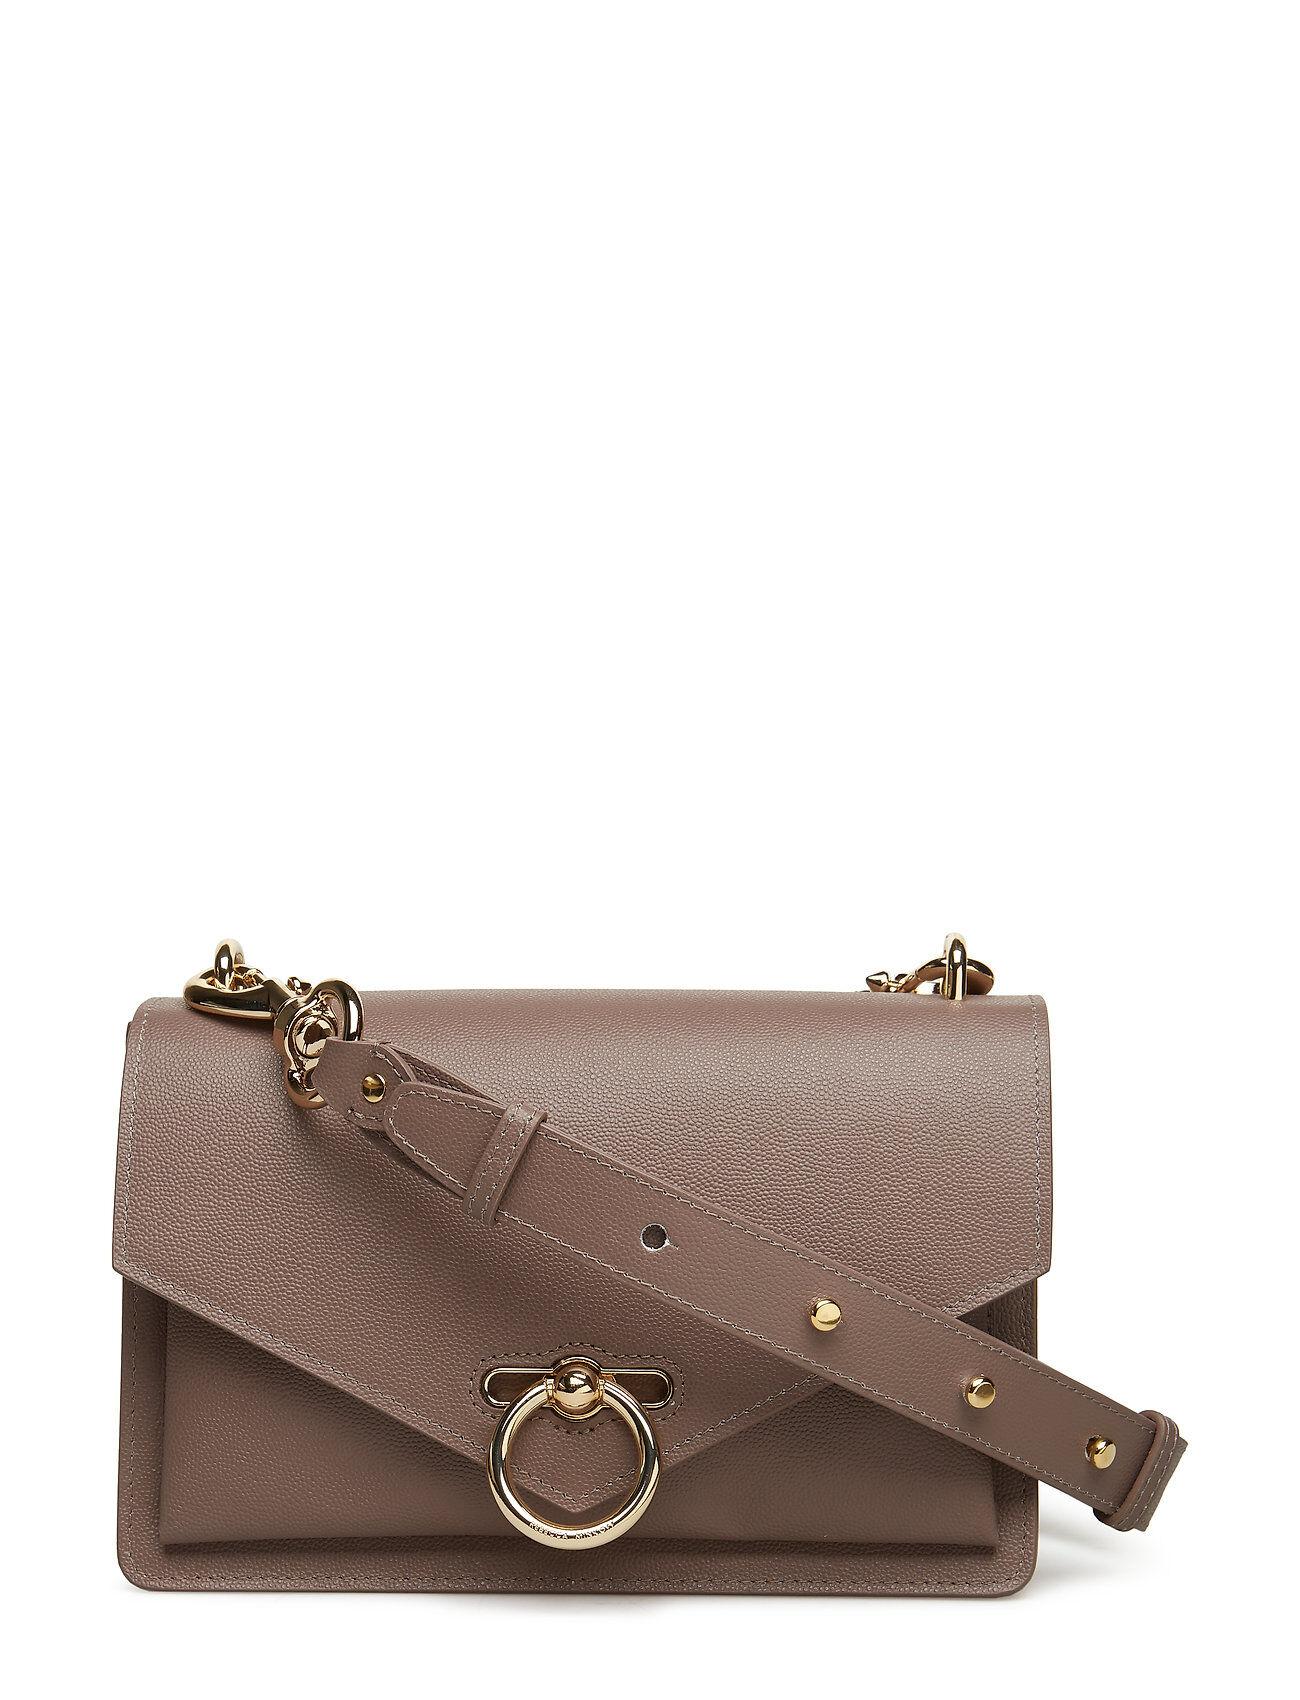 Rebecca Minkoff Jean Md Shoulder Bag